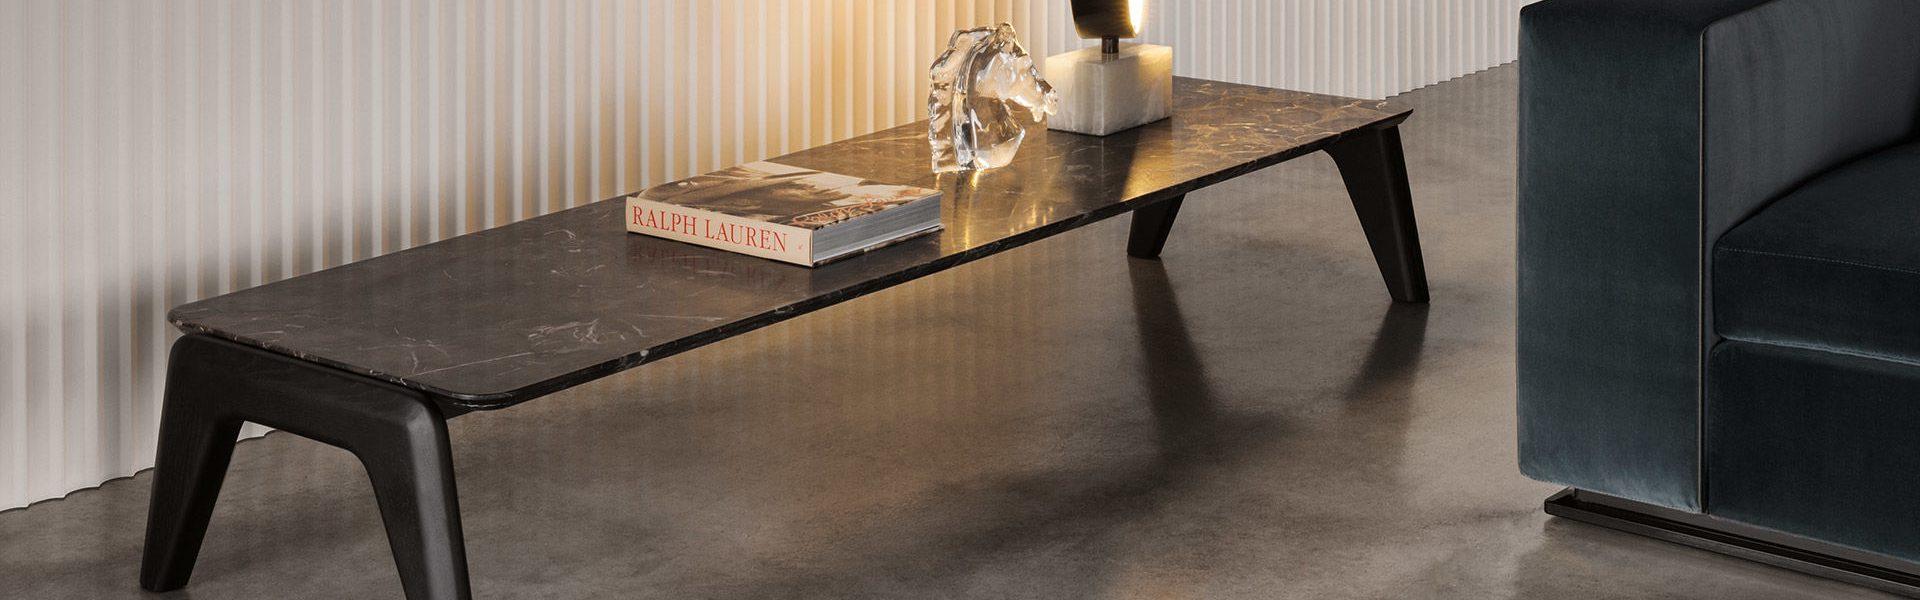 Kirk Wood Coffee Table